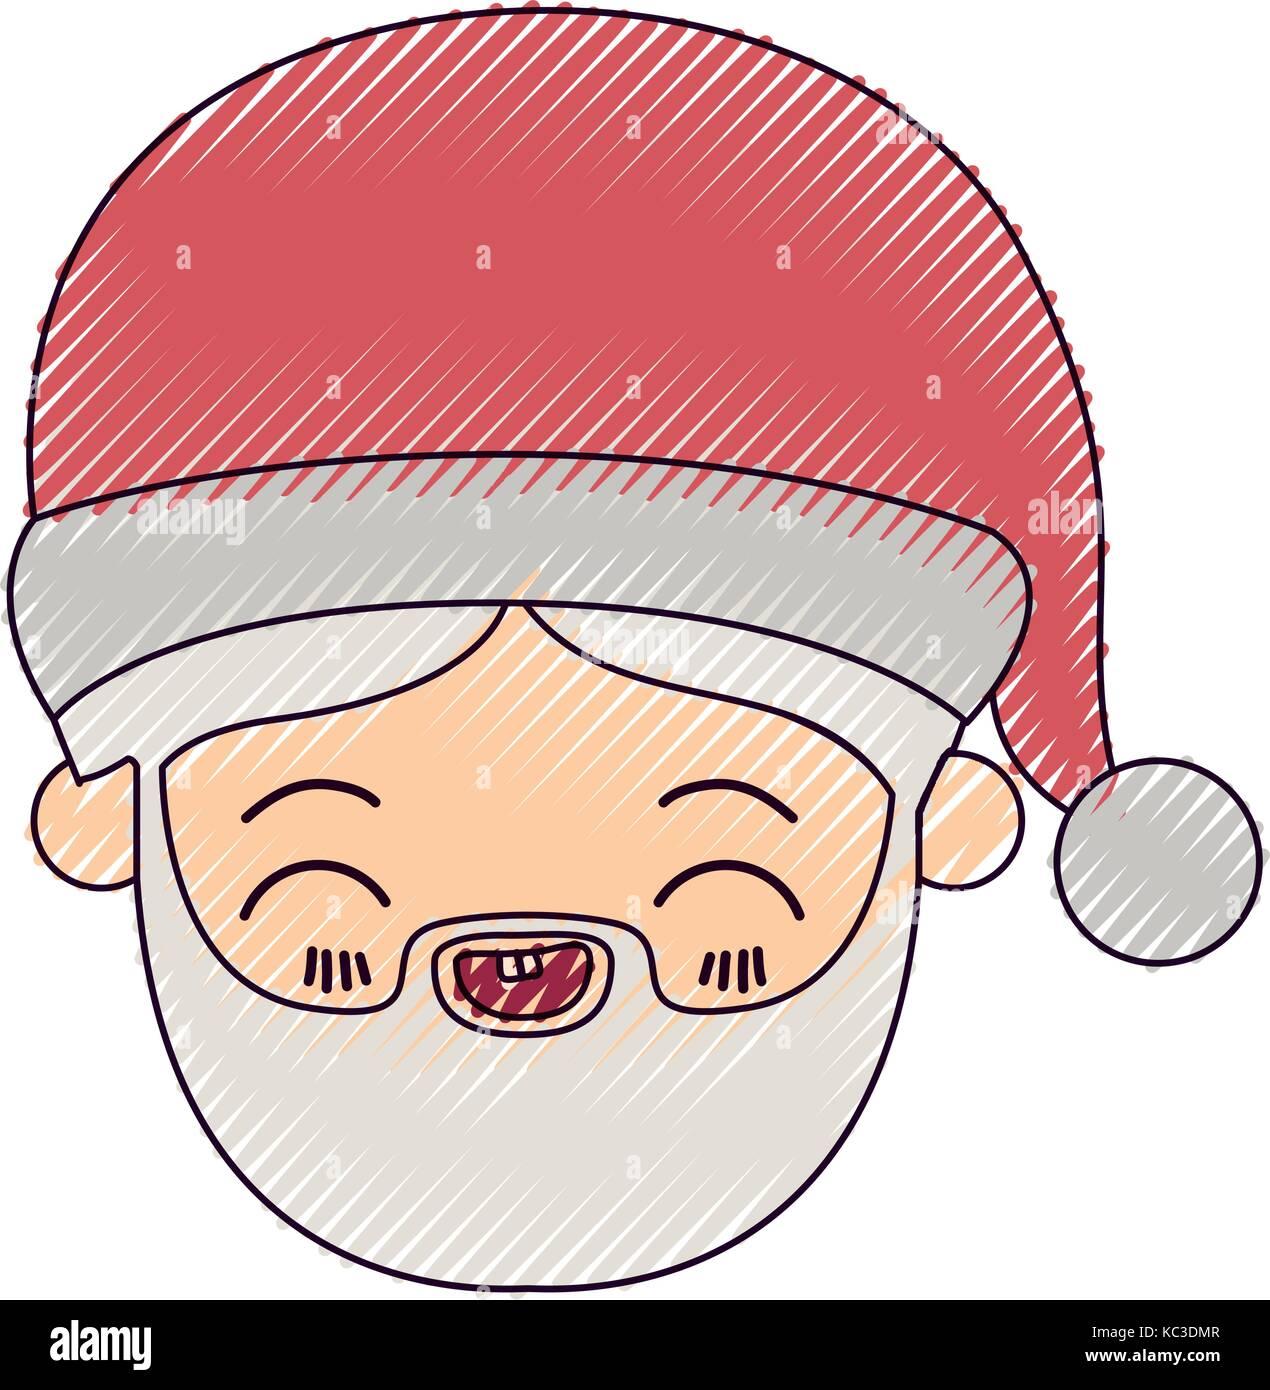 Schön Santa Gesicht Färbung Seite Ideen - Beispiel Business ...